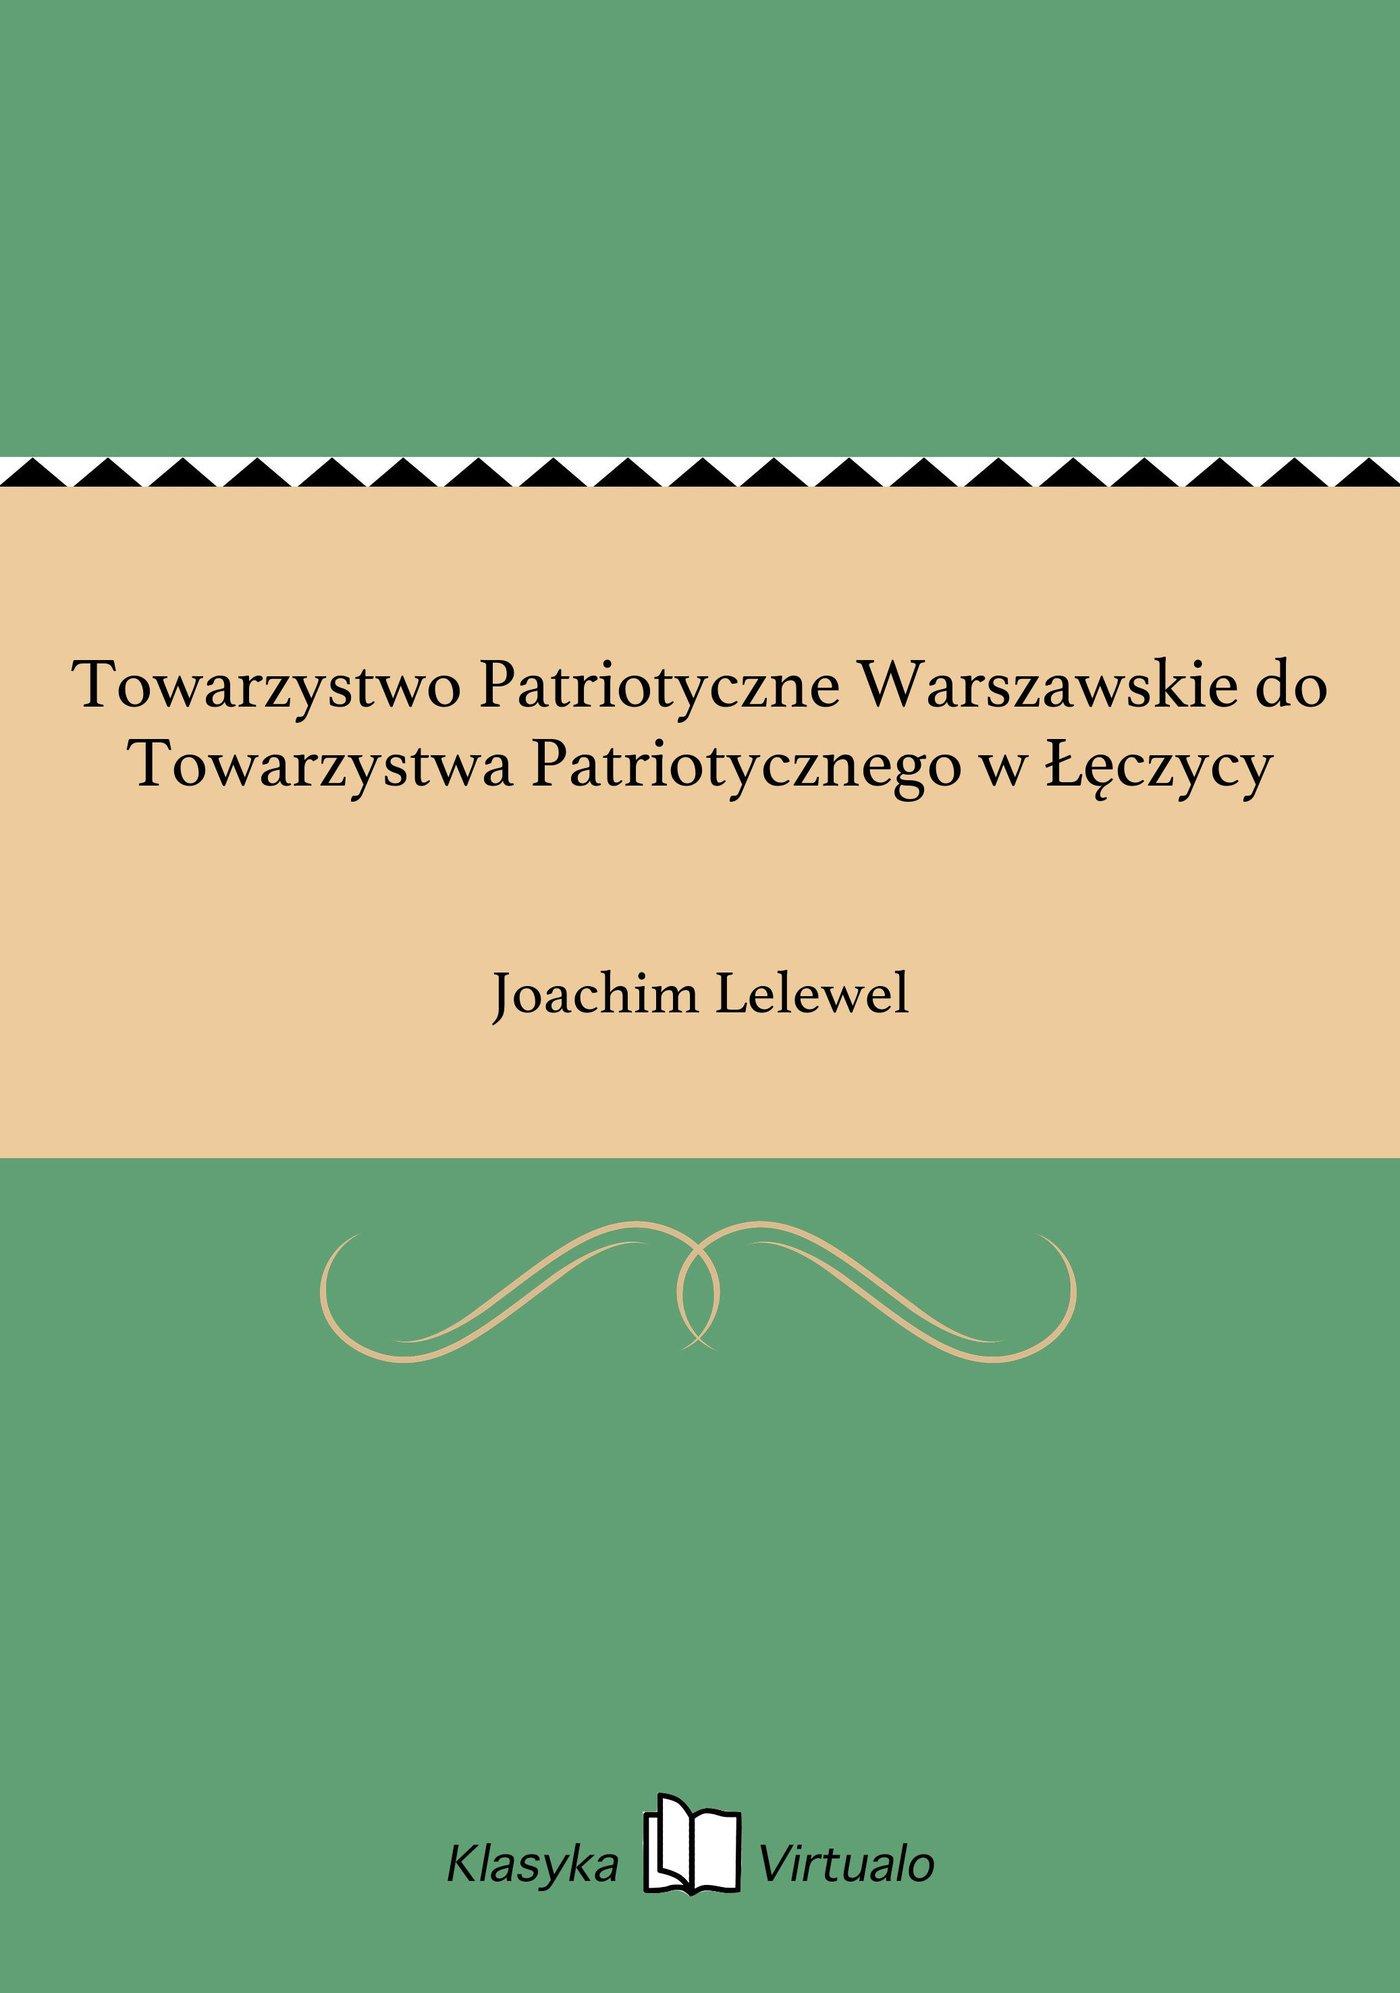 Towarzystwo Patriotyczne Warszawskie do Towarzystwa Patriotycznego w Łęczycy - Ebook (Książka EPUB) do pobrania w formacie EPUB